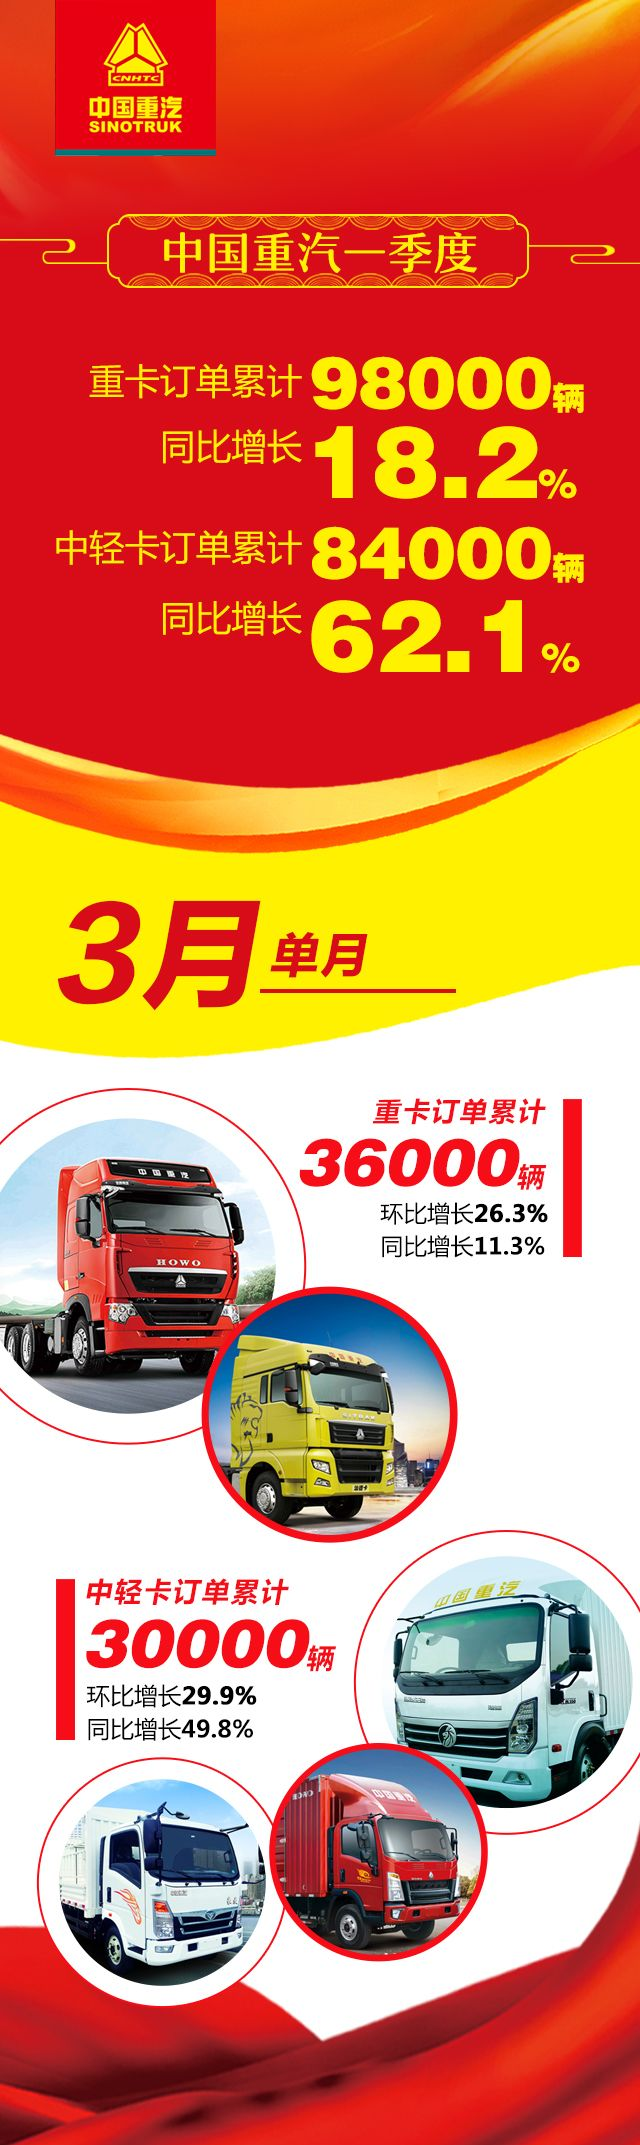 订单接到手软!中国重汽一季度接单18.2万辆!